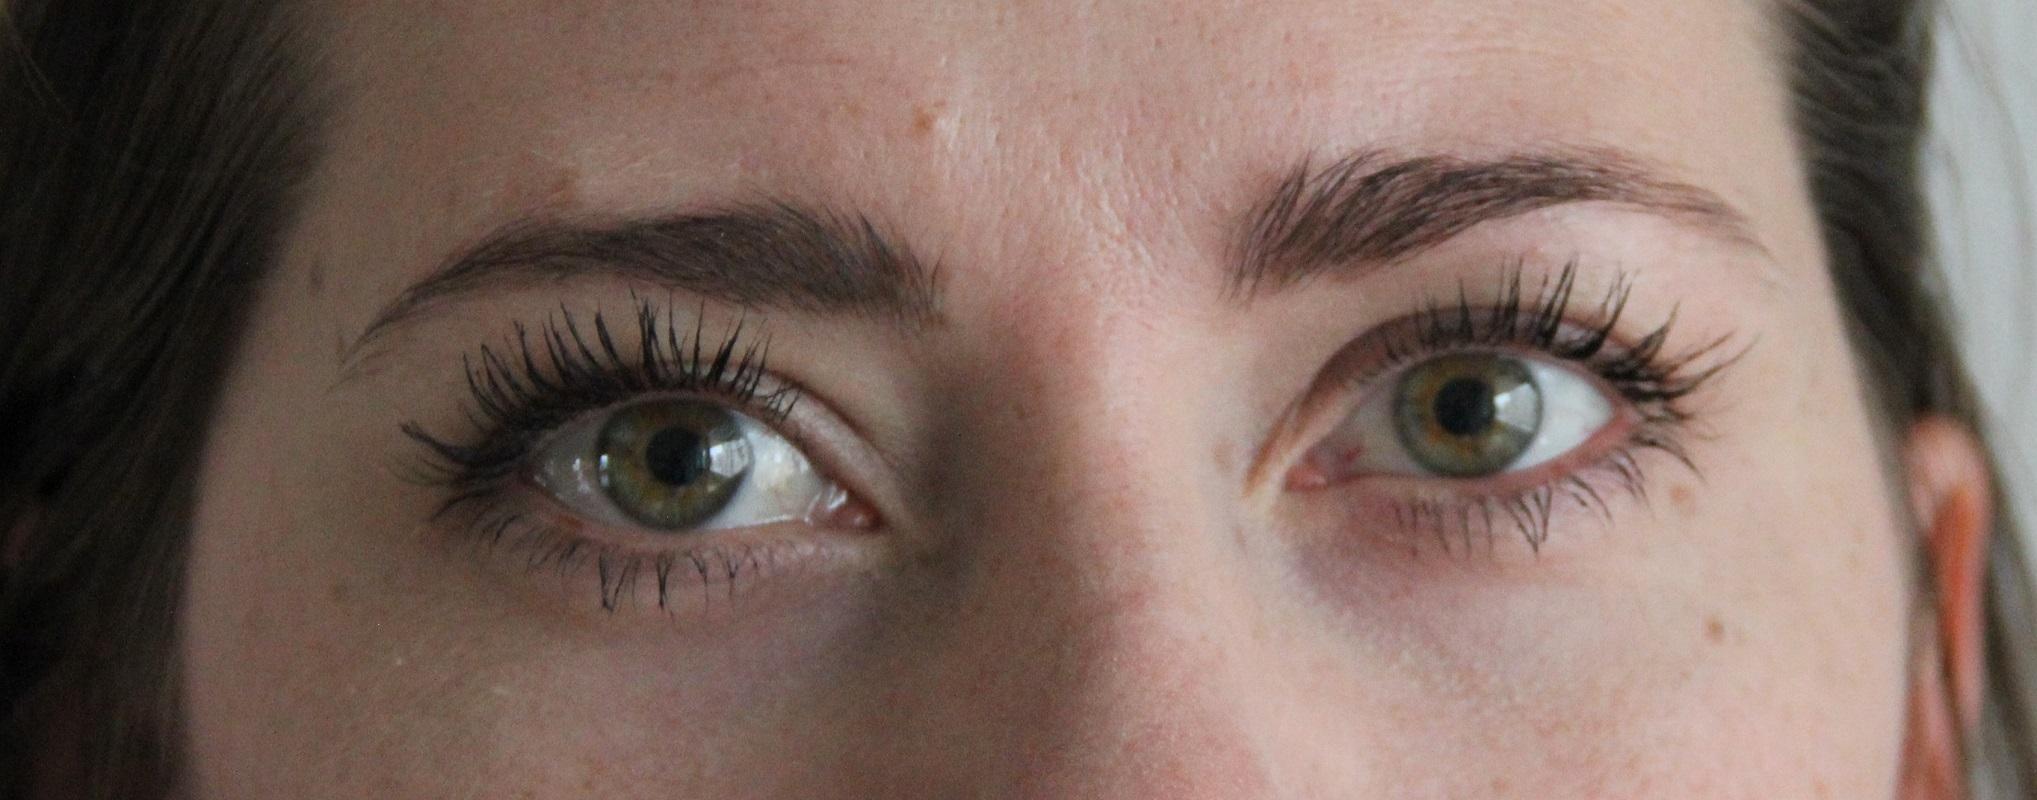 Mascara im Test Maybelline TrendyThursday BineLovesLife